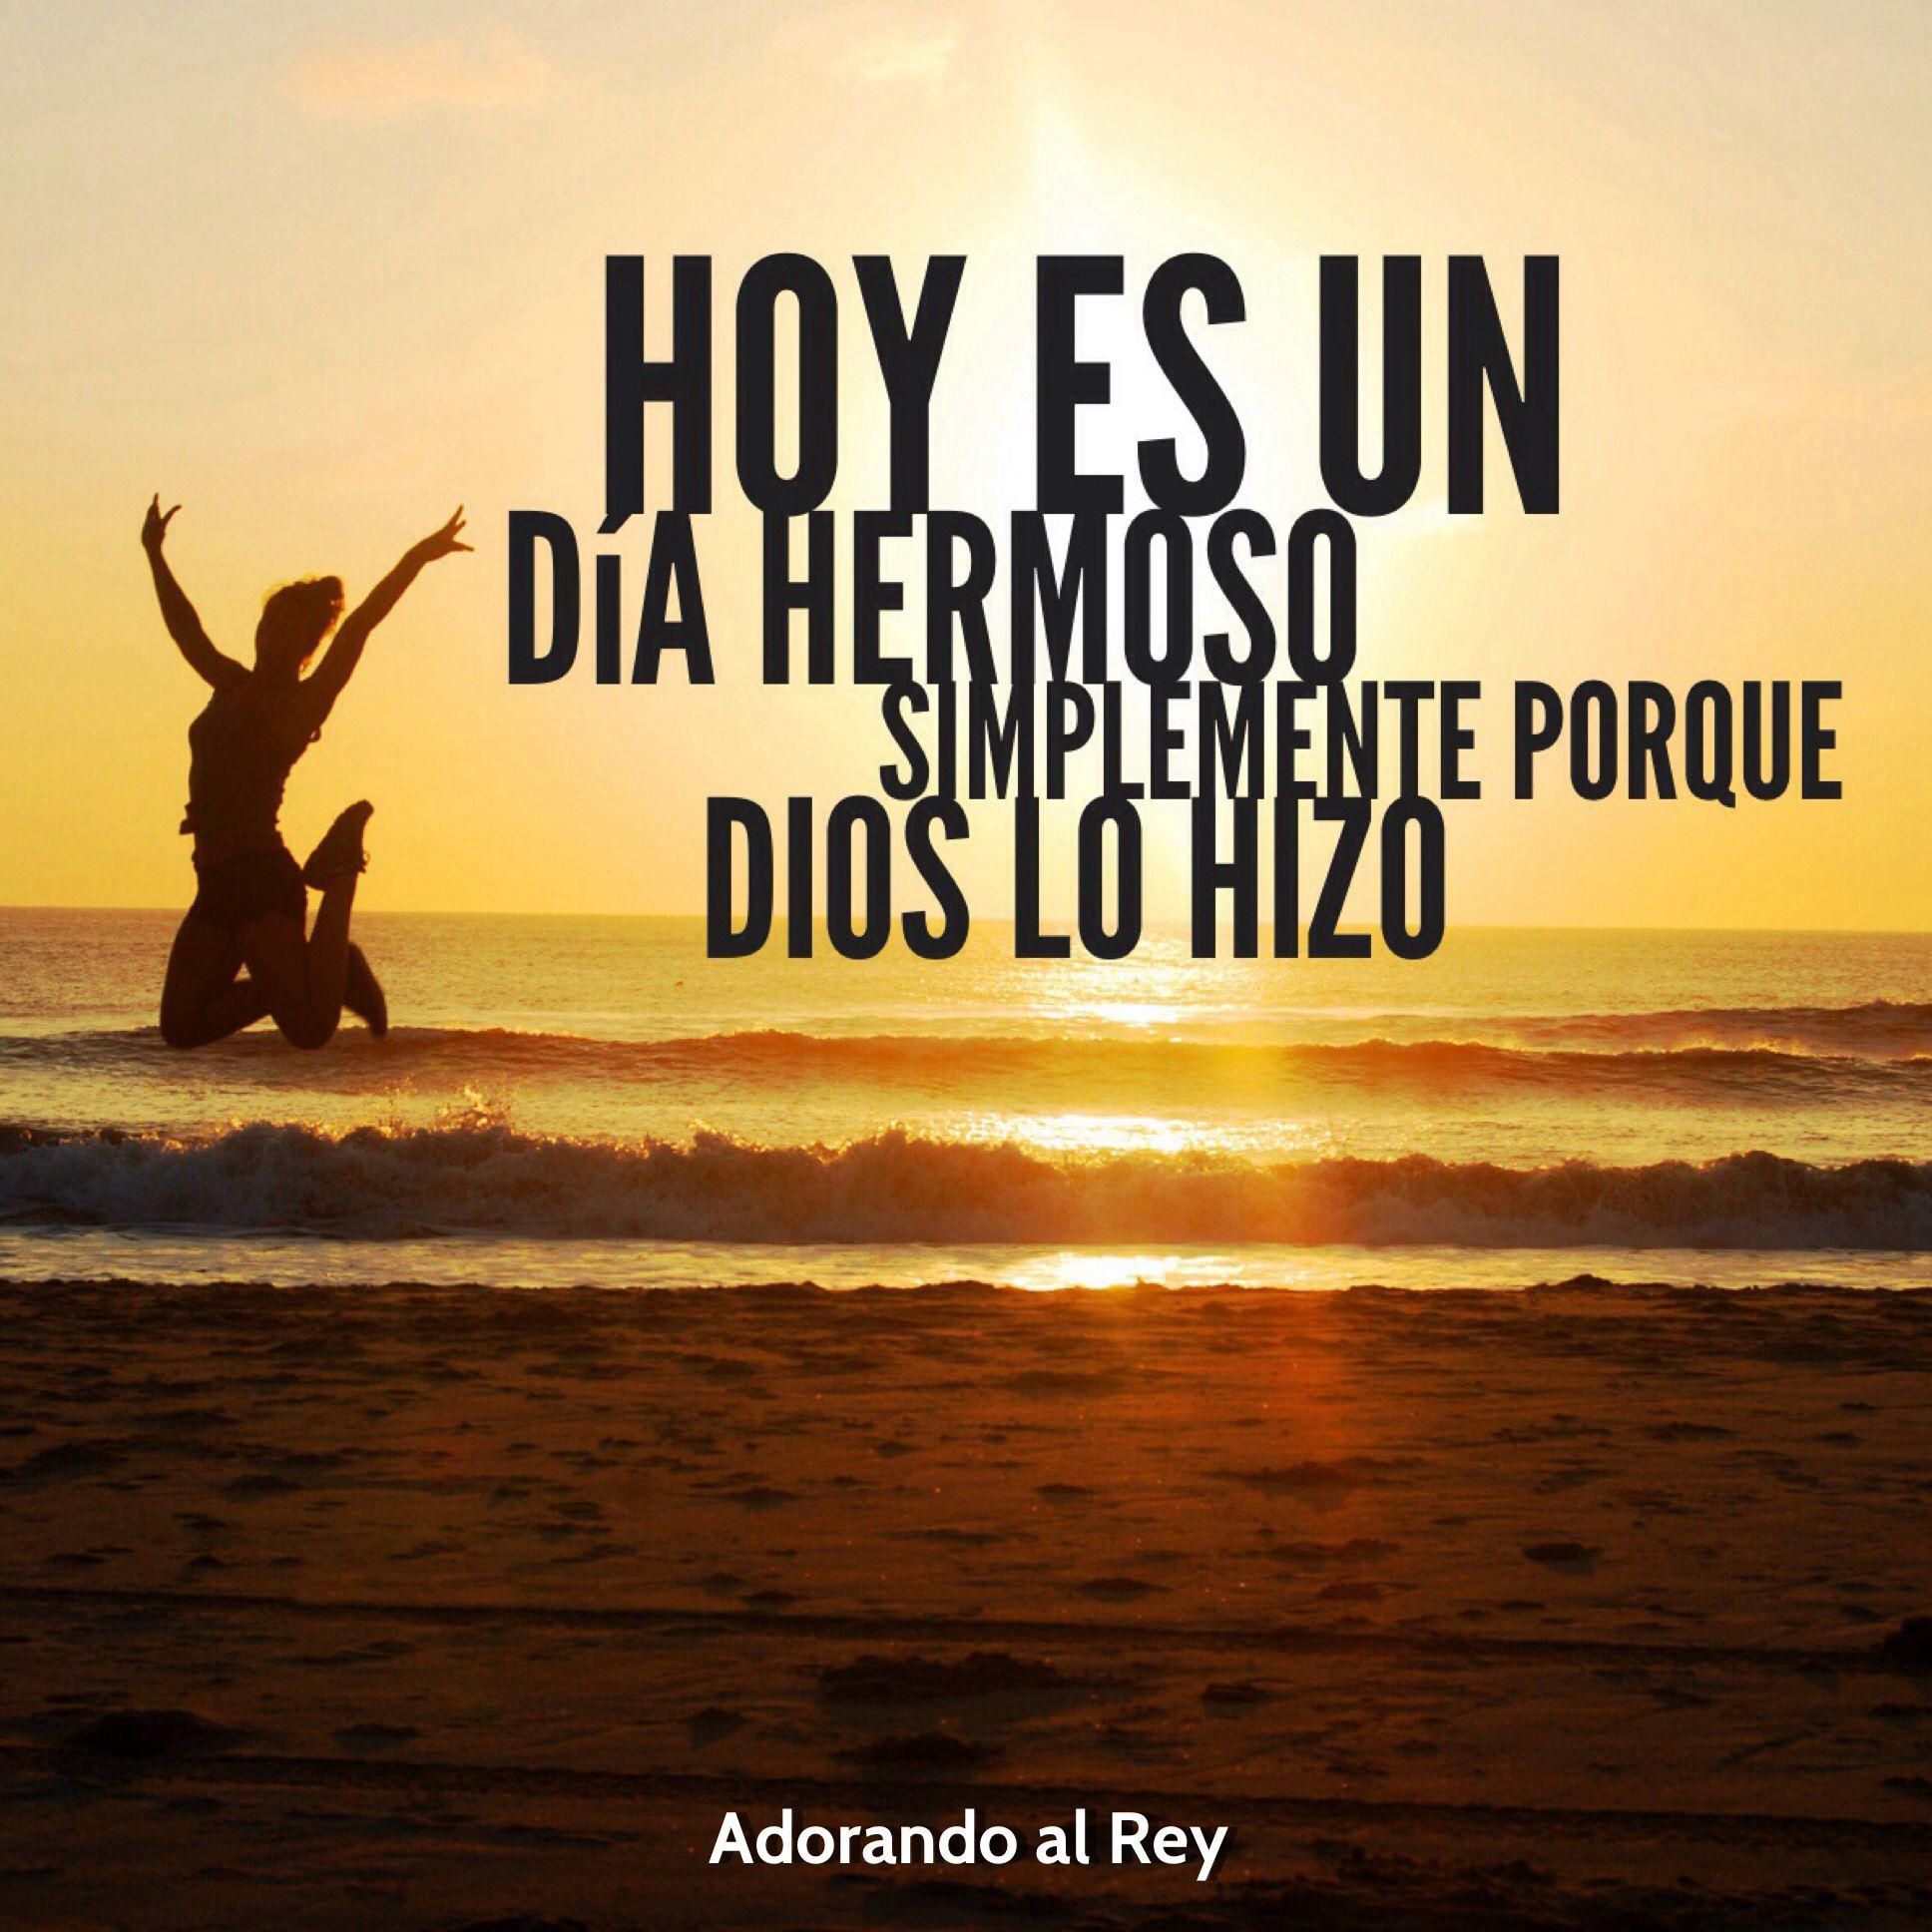 Hoy es un día hermoso simplemente por que Dios lo hizo. #Dios #Jesus ...